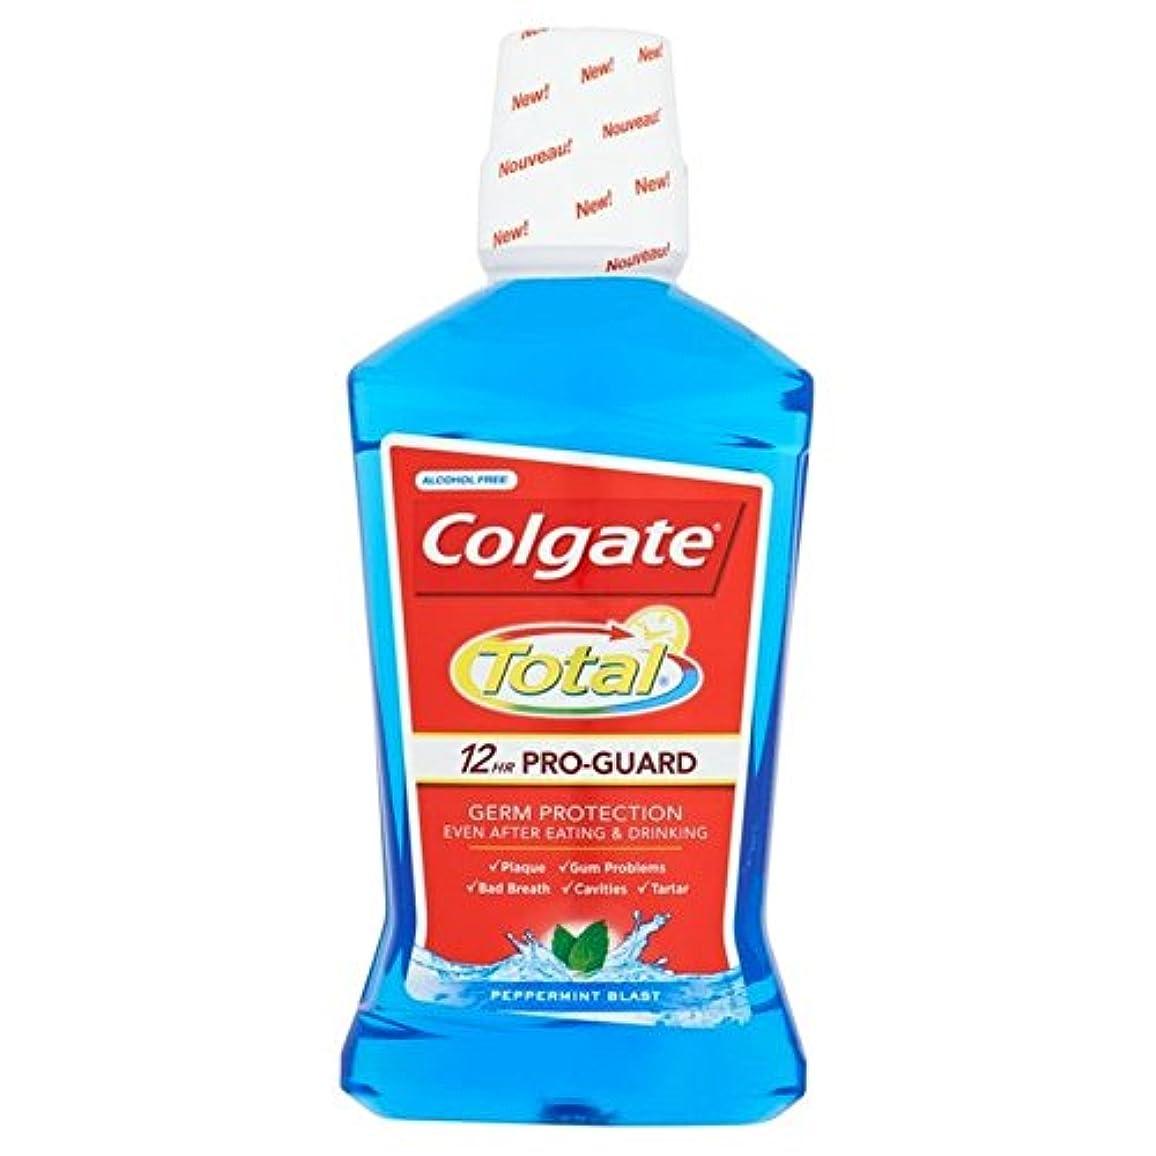 見る温かい競争コルゲートトータル高度なブルーマウスウォッシュ500ミリリットル x2 - Colgate Total Advanced Blue Mouthwash 500ml (Pack of 2) [並行輸入品]